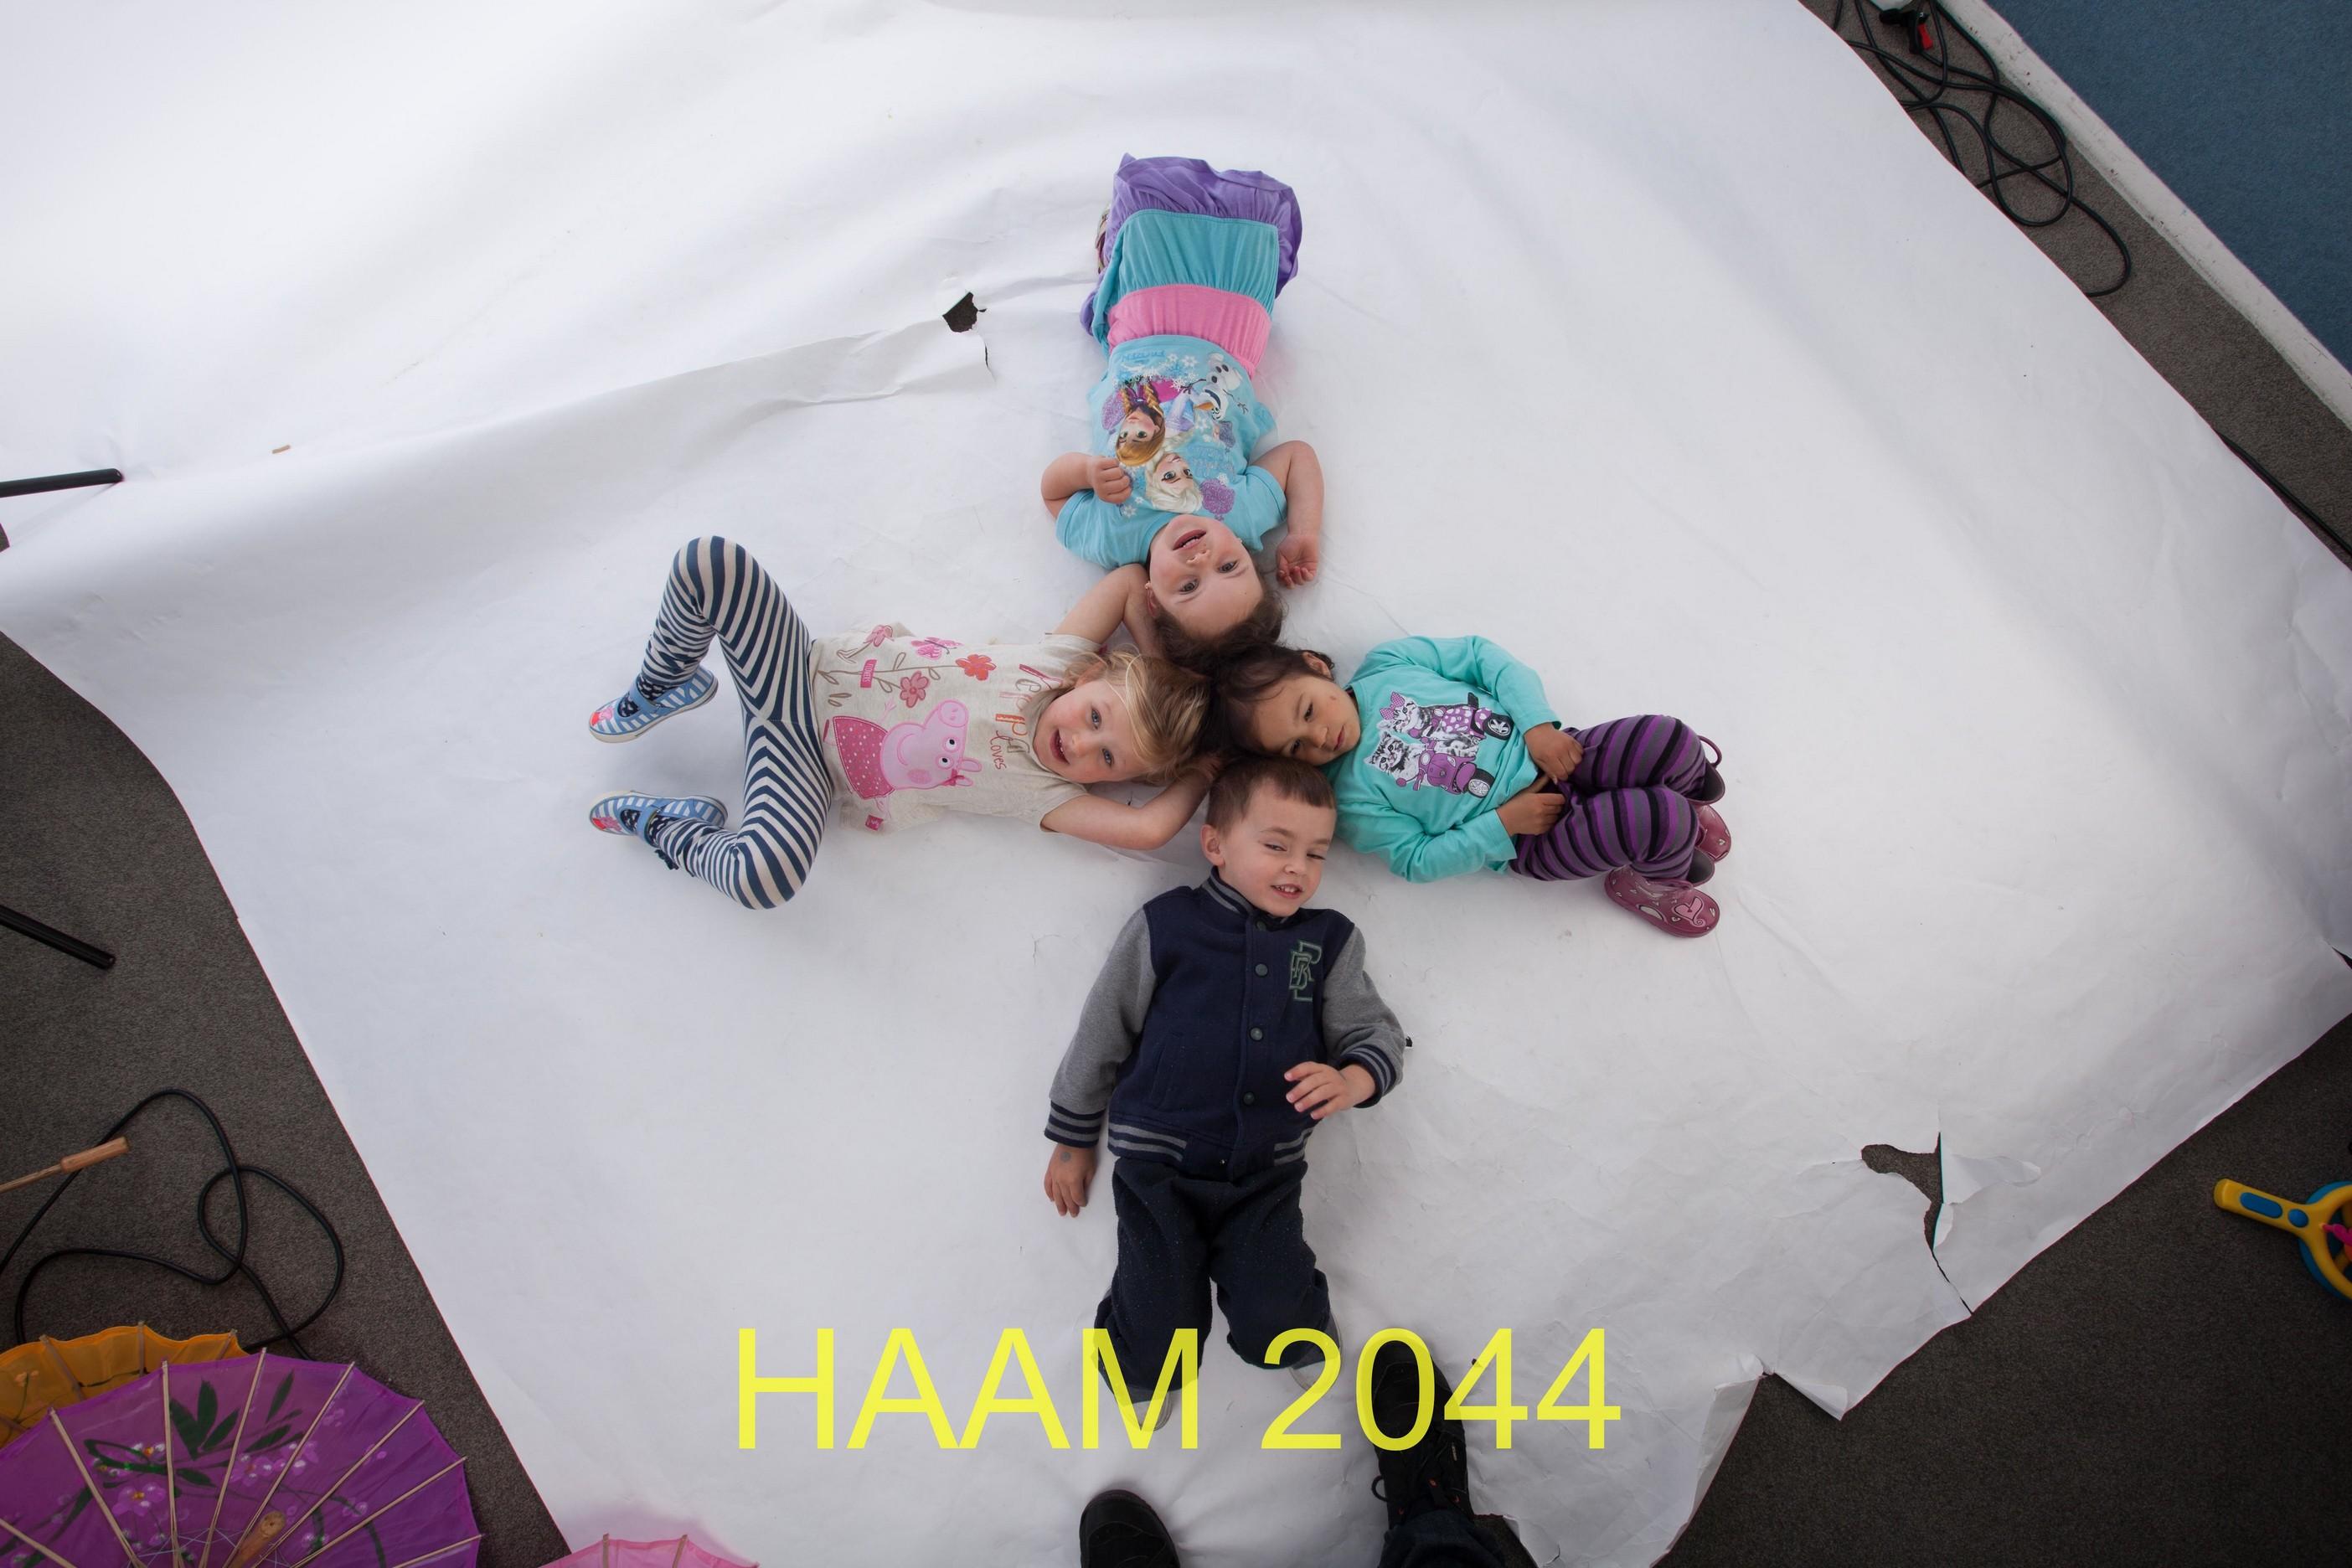 HAAM 2044